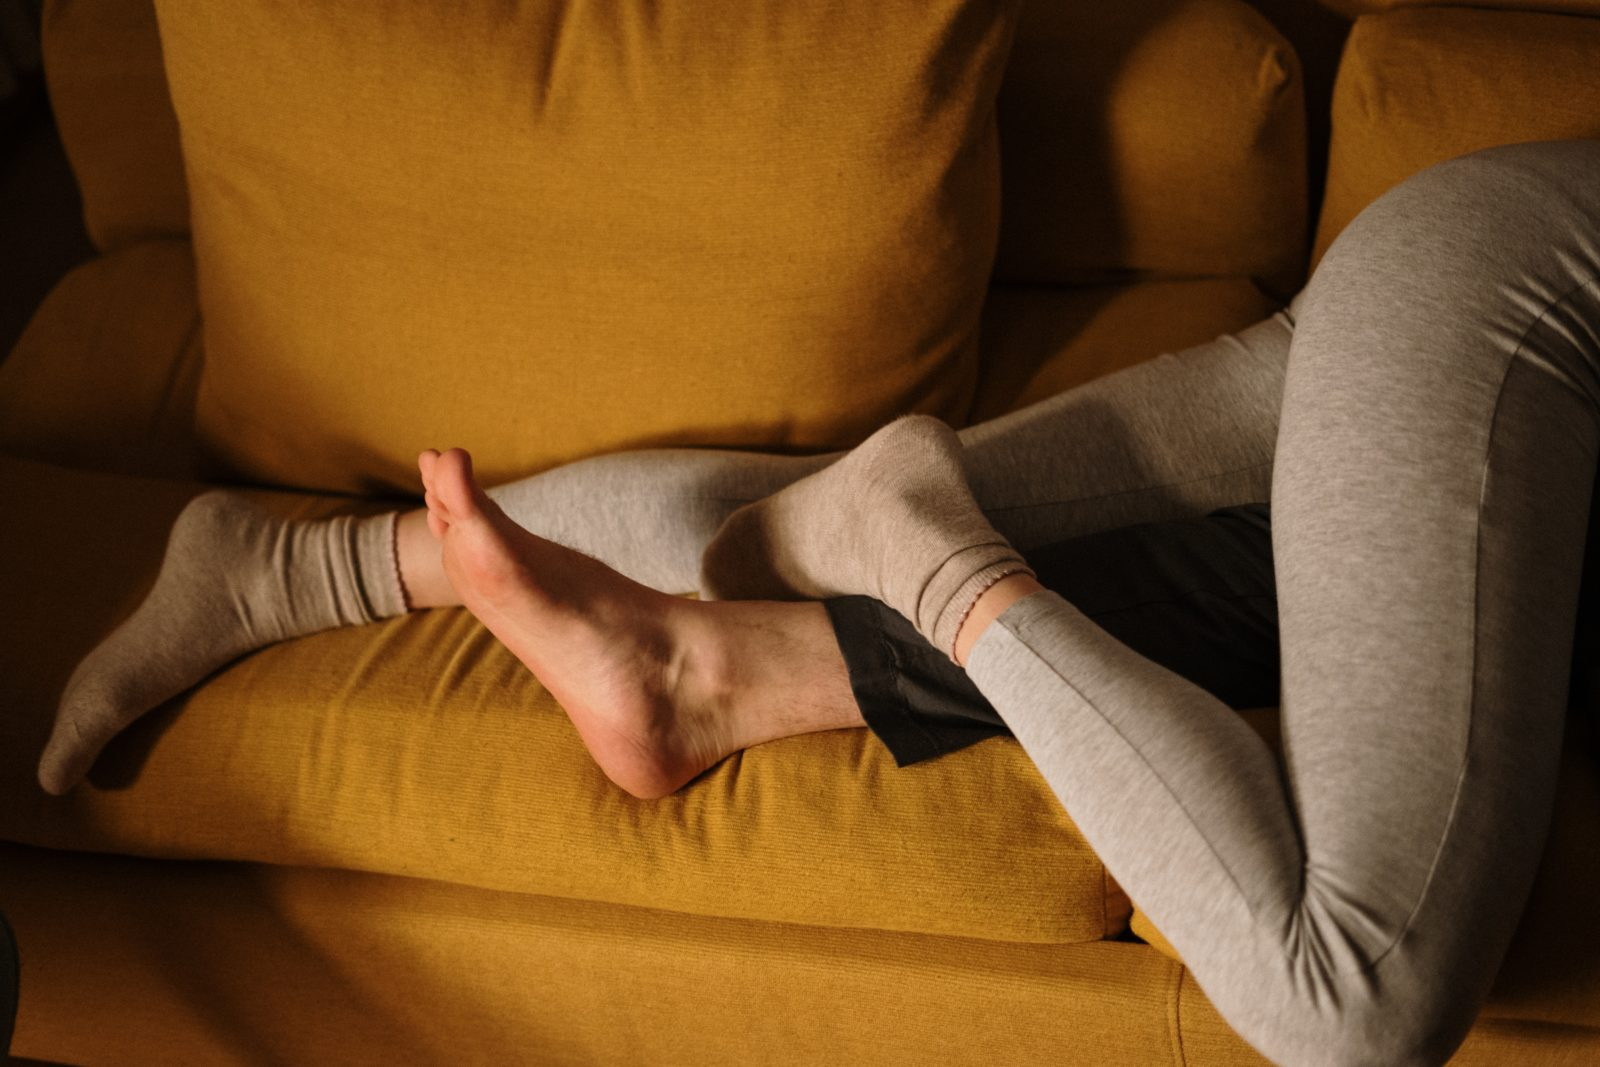 l'anneau thermique : la contraception masculine avance